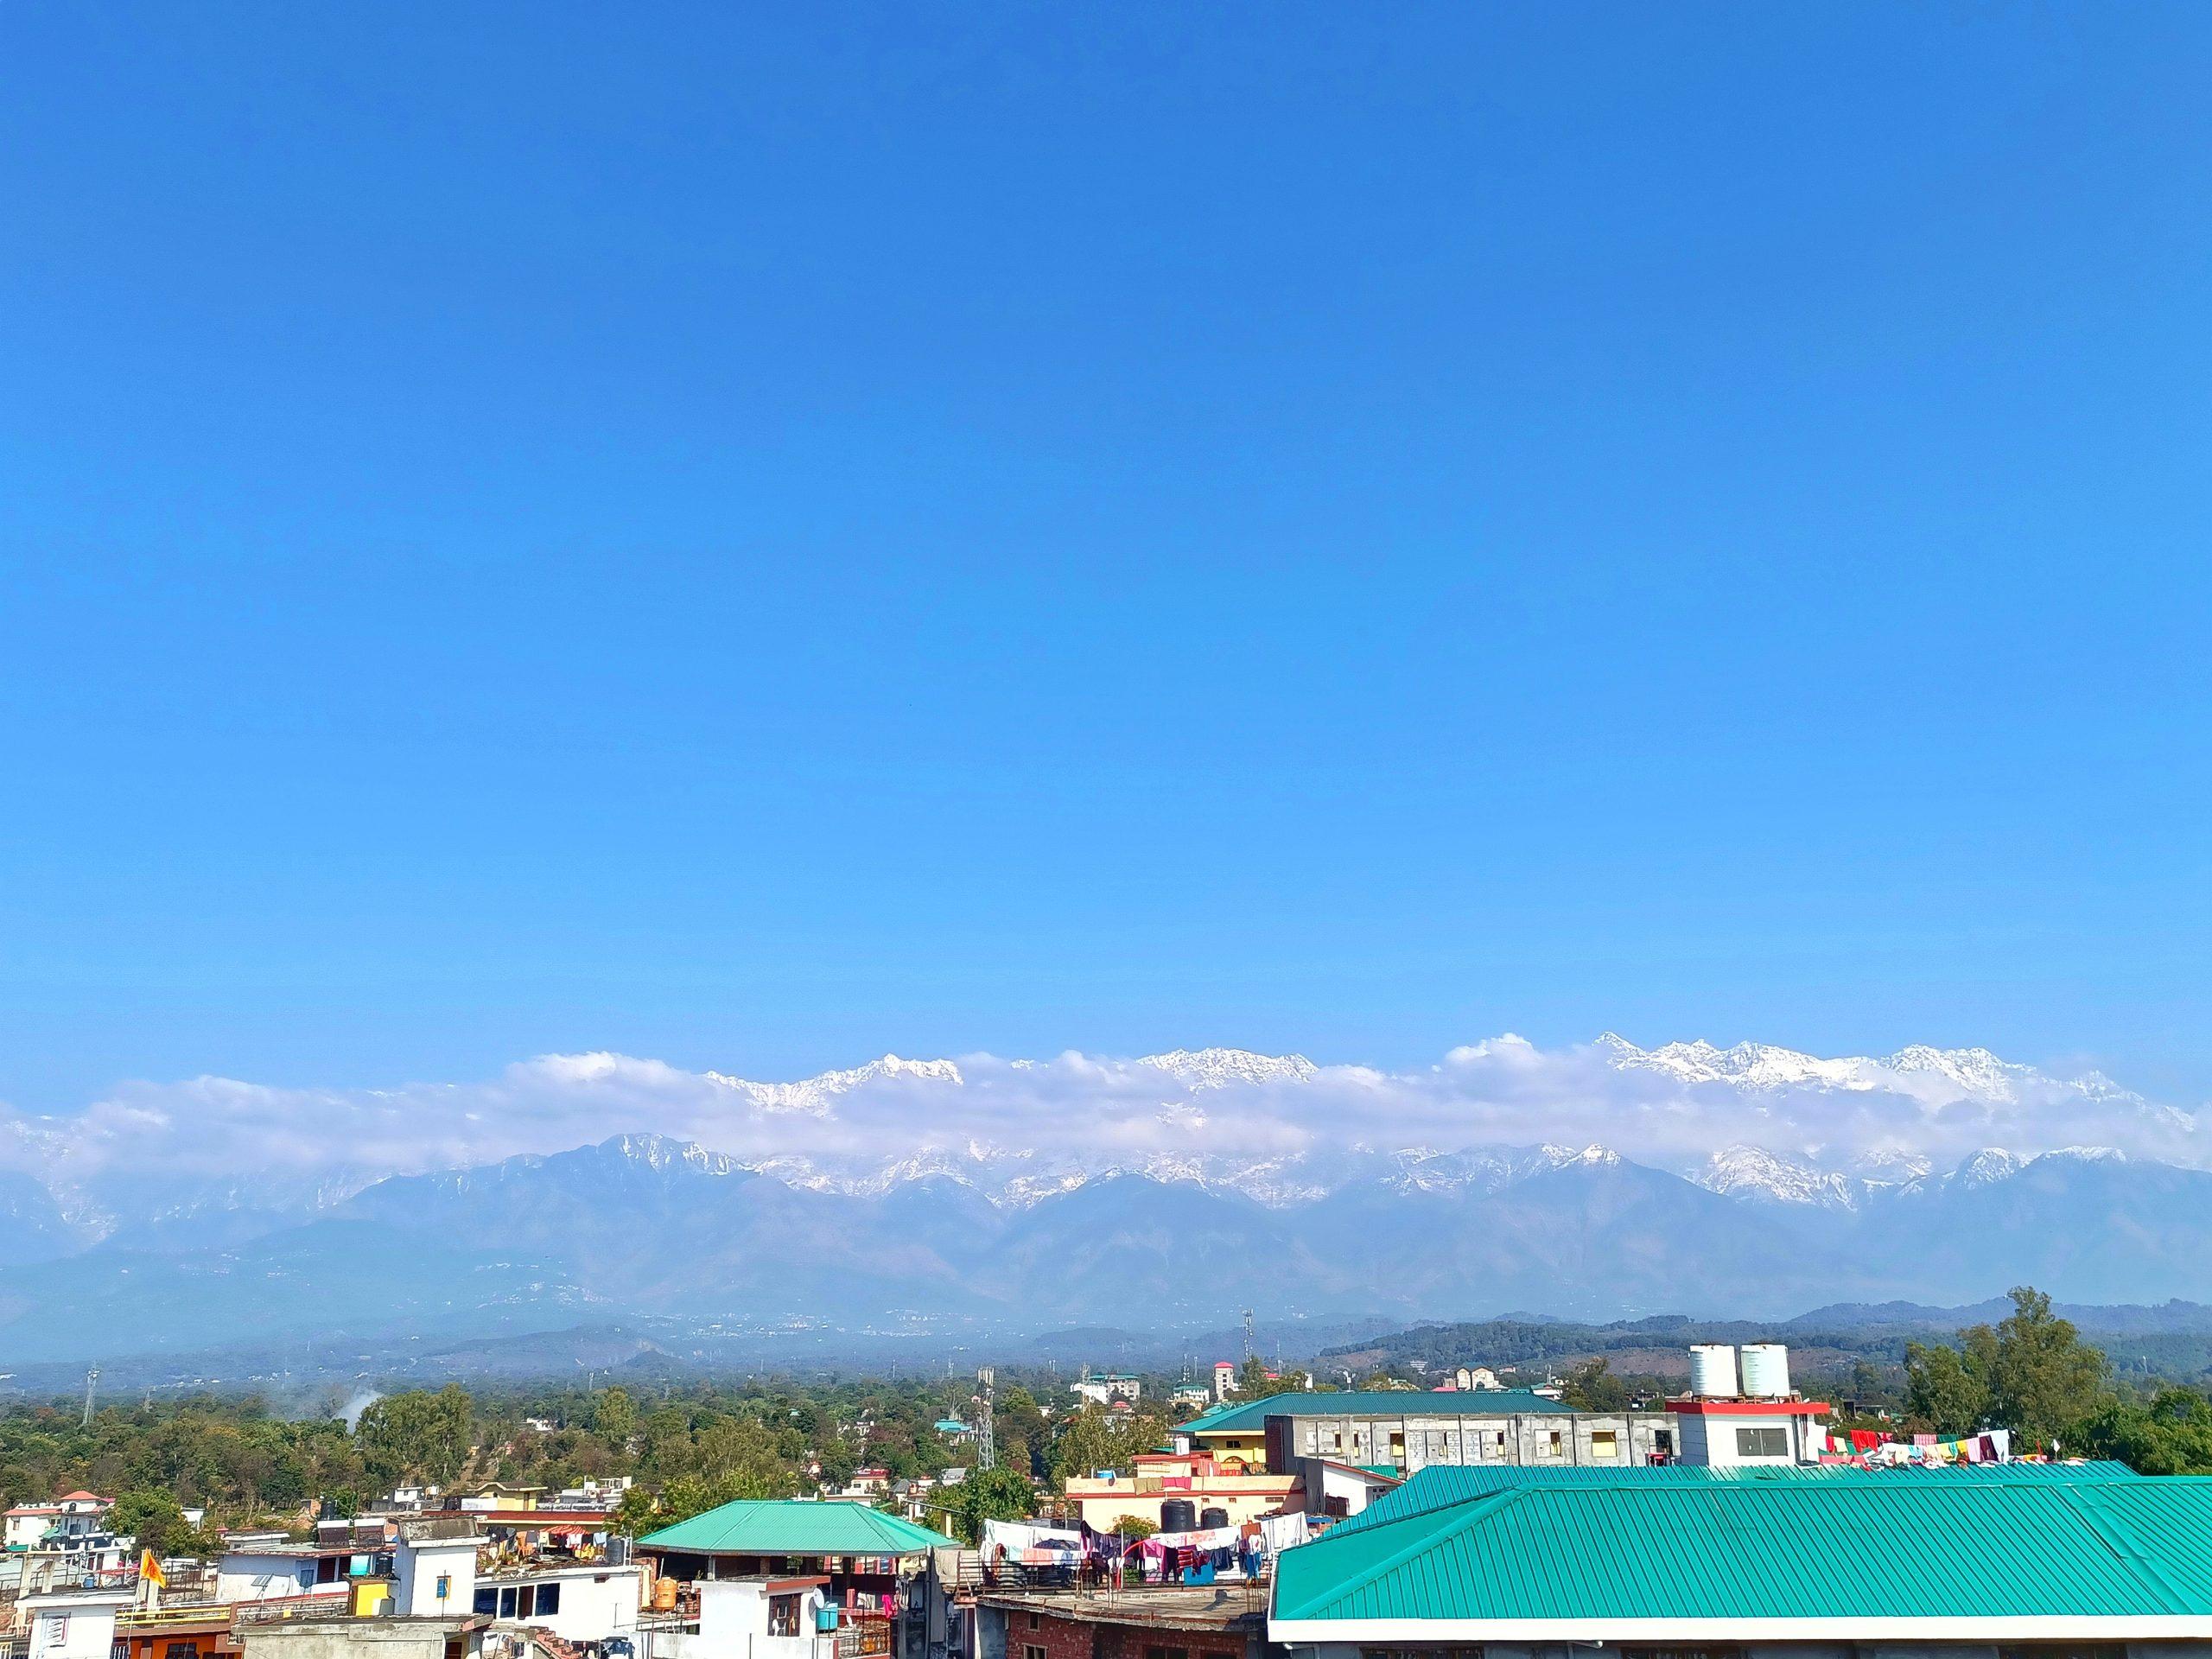 Blue Sky Cityscape